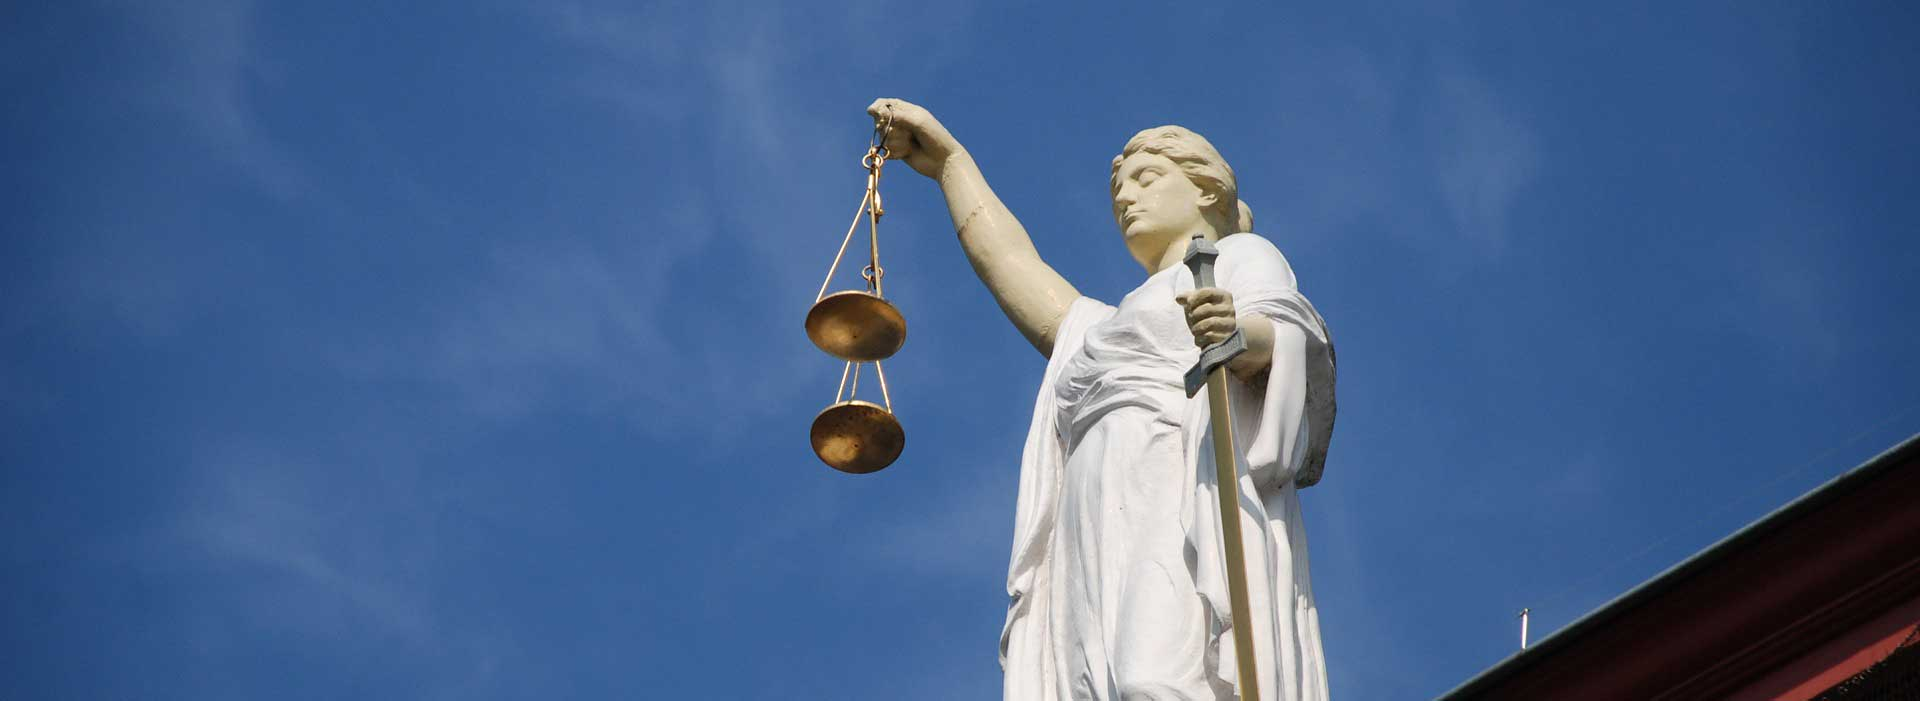 Lagar & regler gällande personlarm